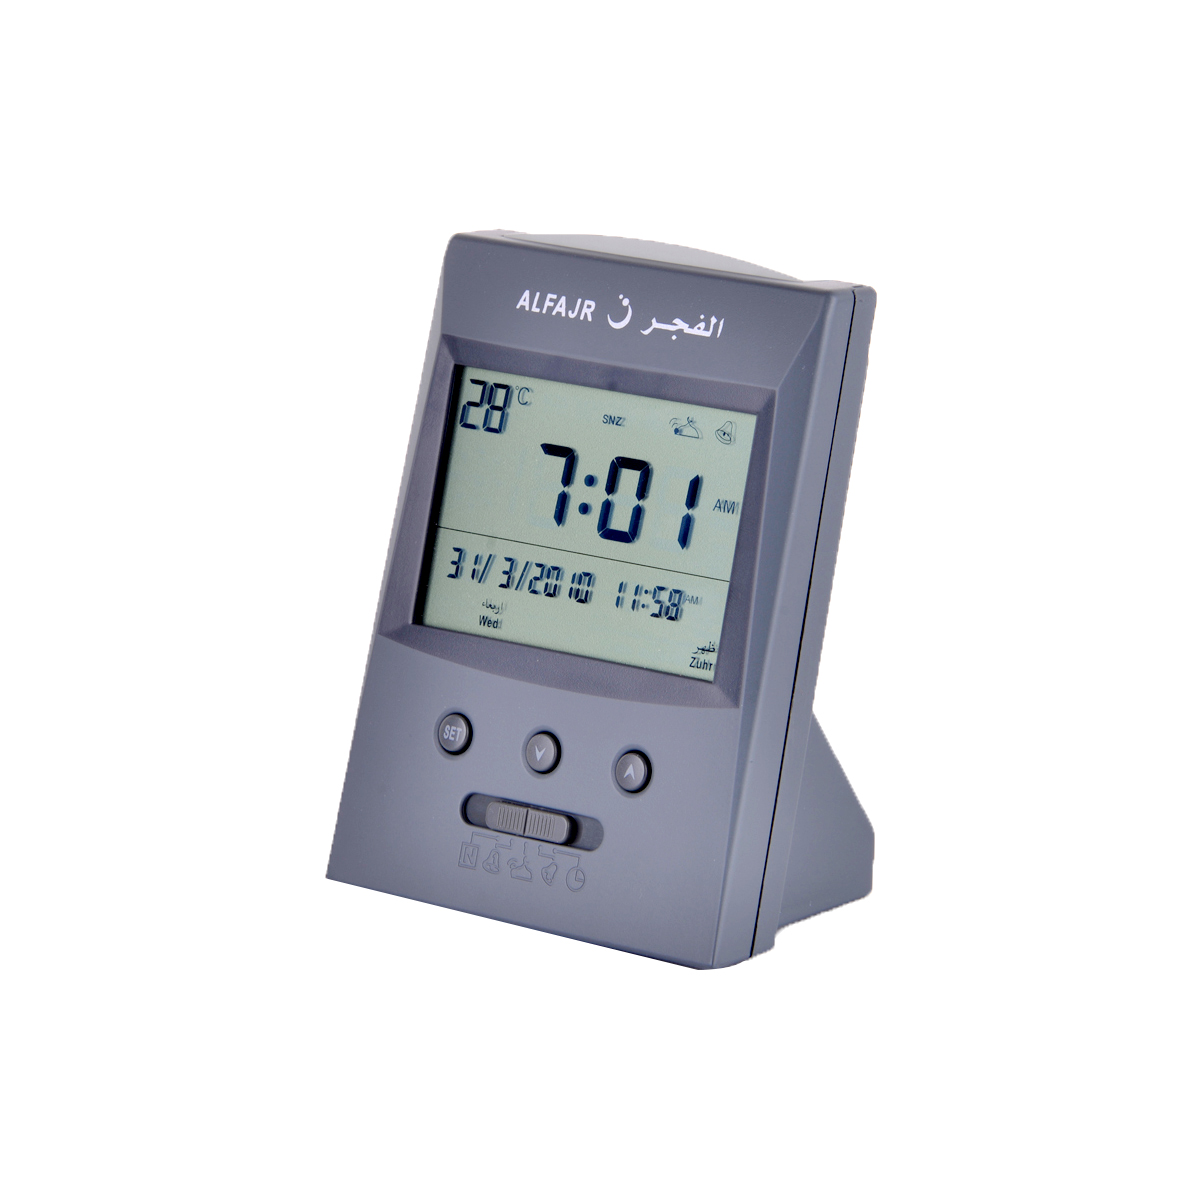 الفجر - ساعة الاذان بصوت رقمي عالي الجودة رقم CS-03